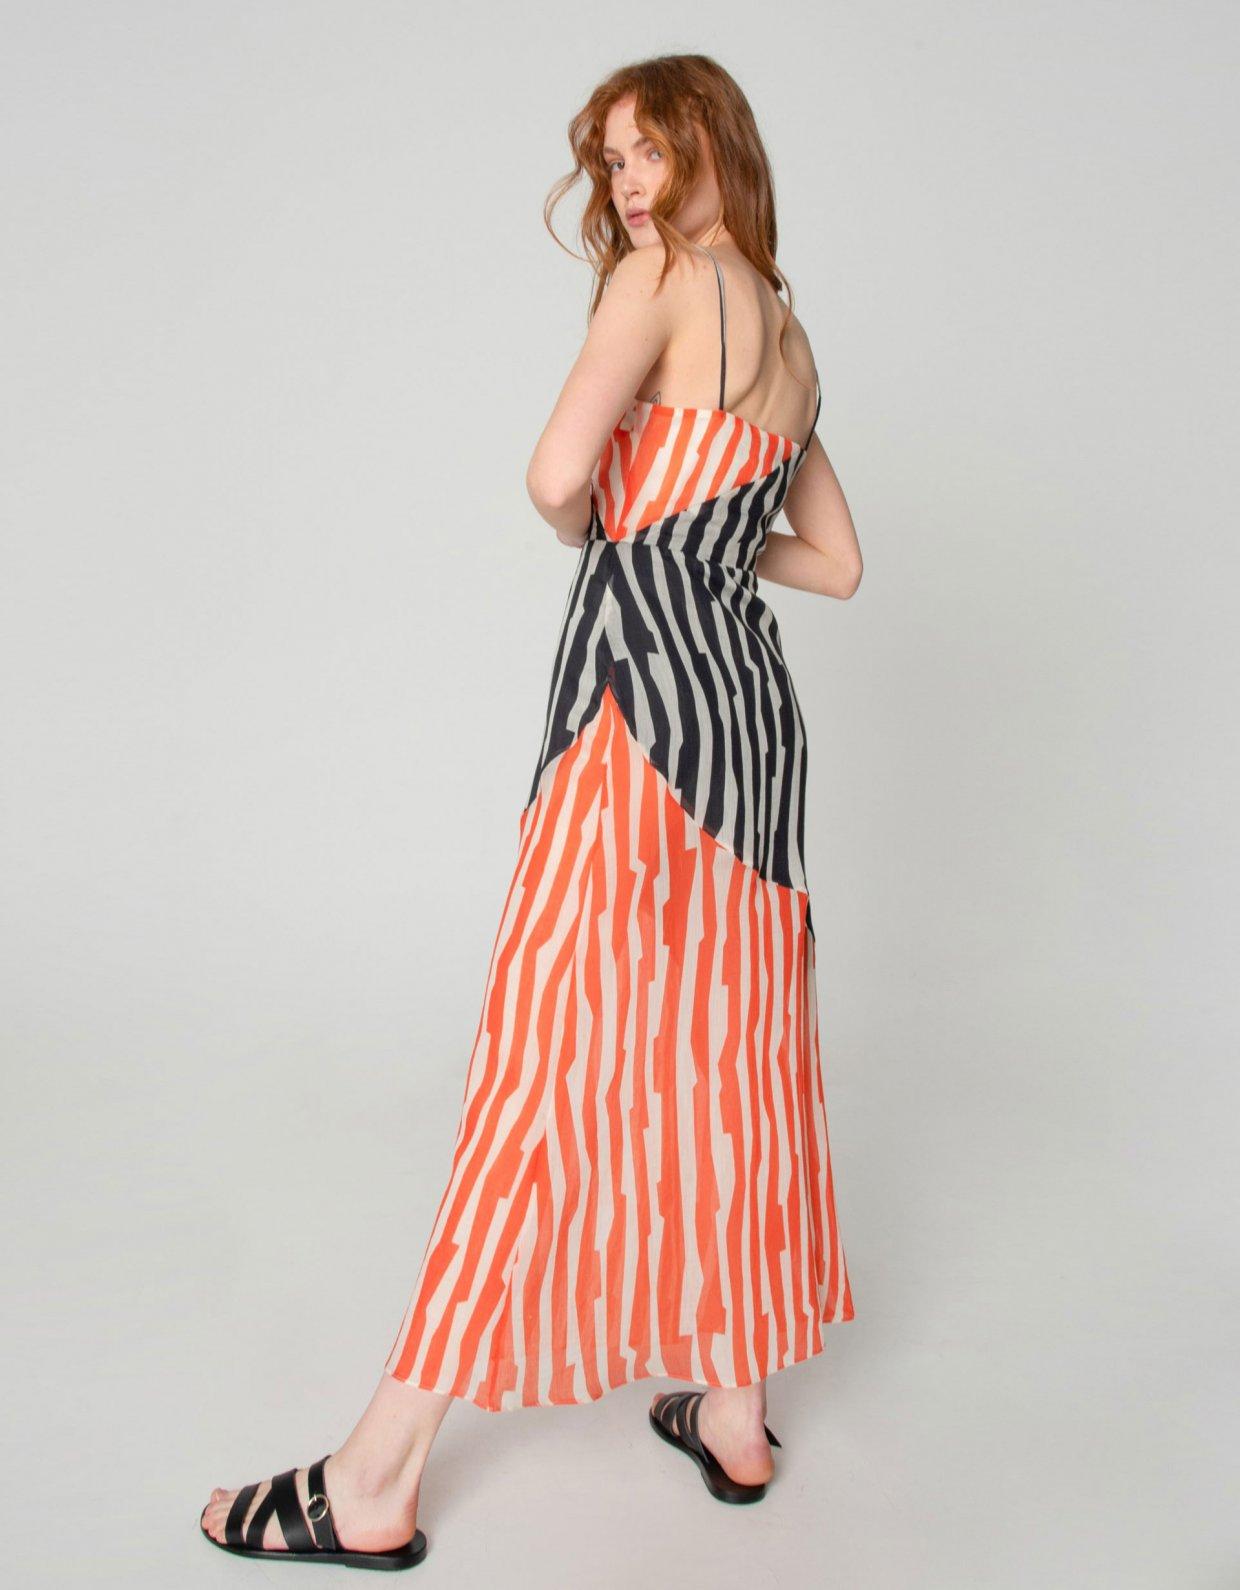 Nadia Rapti Zebras in city dress